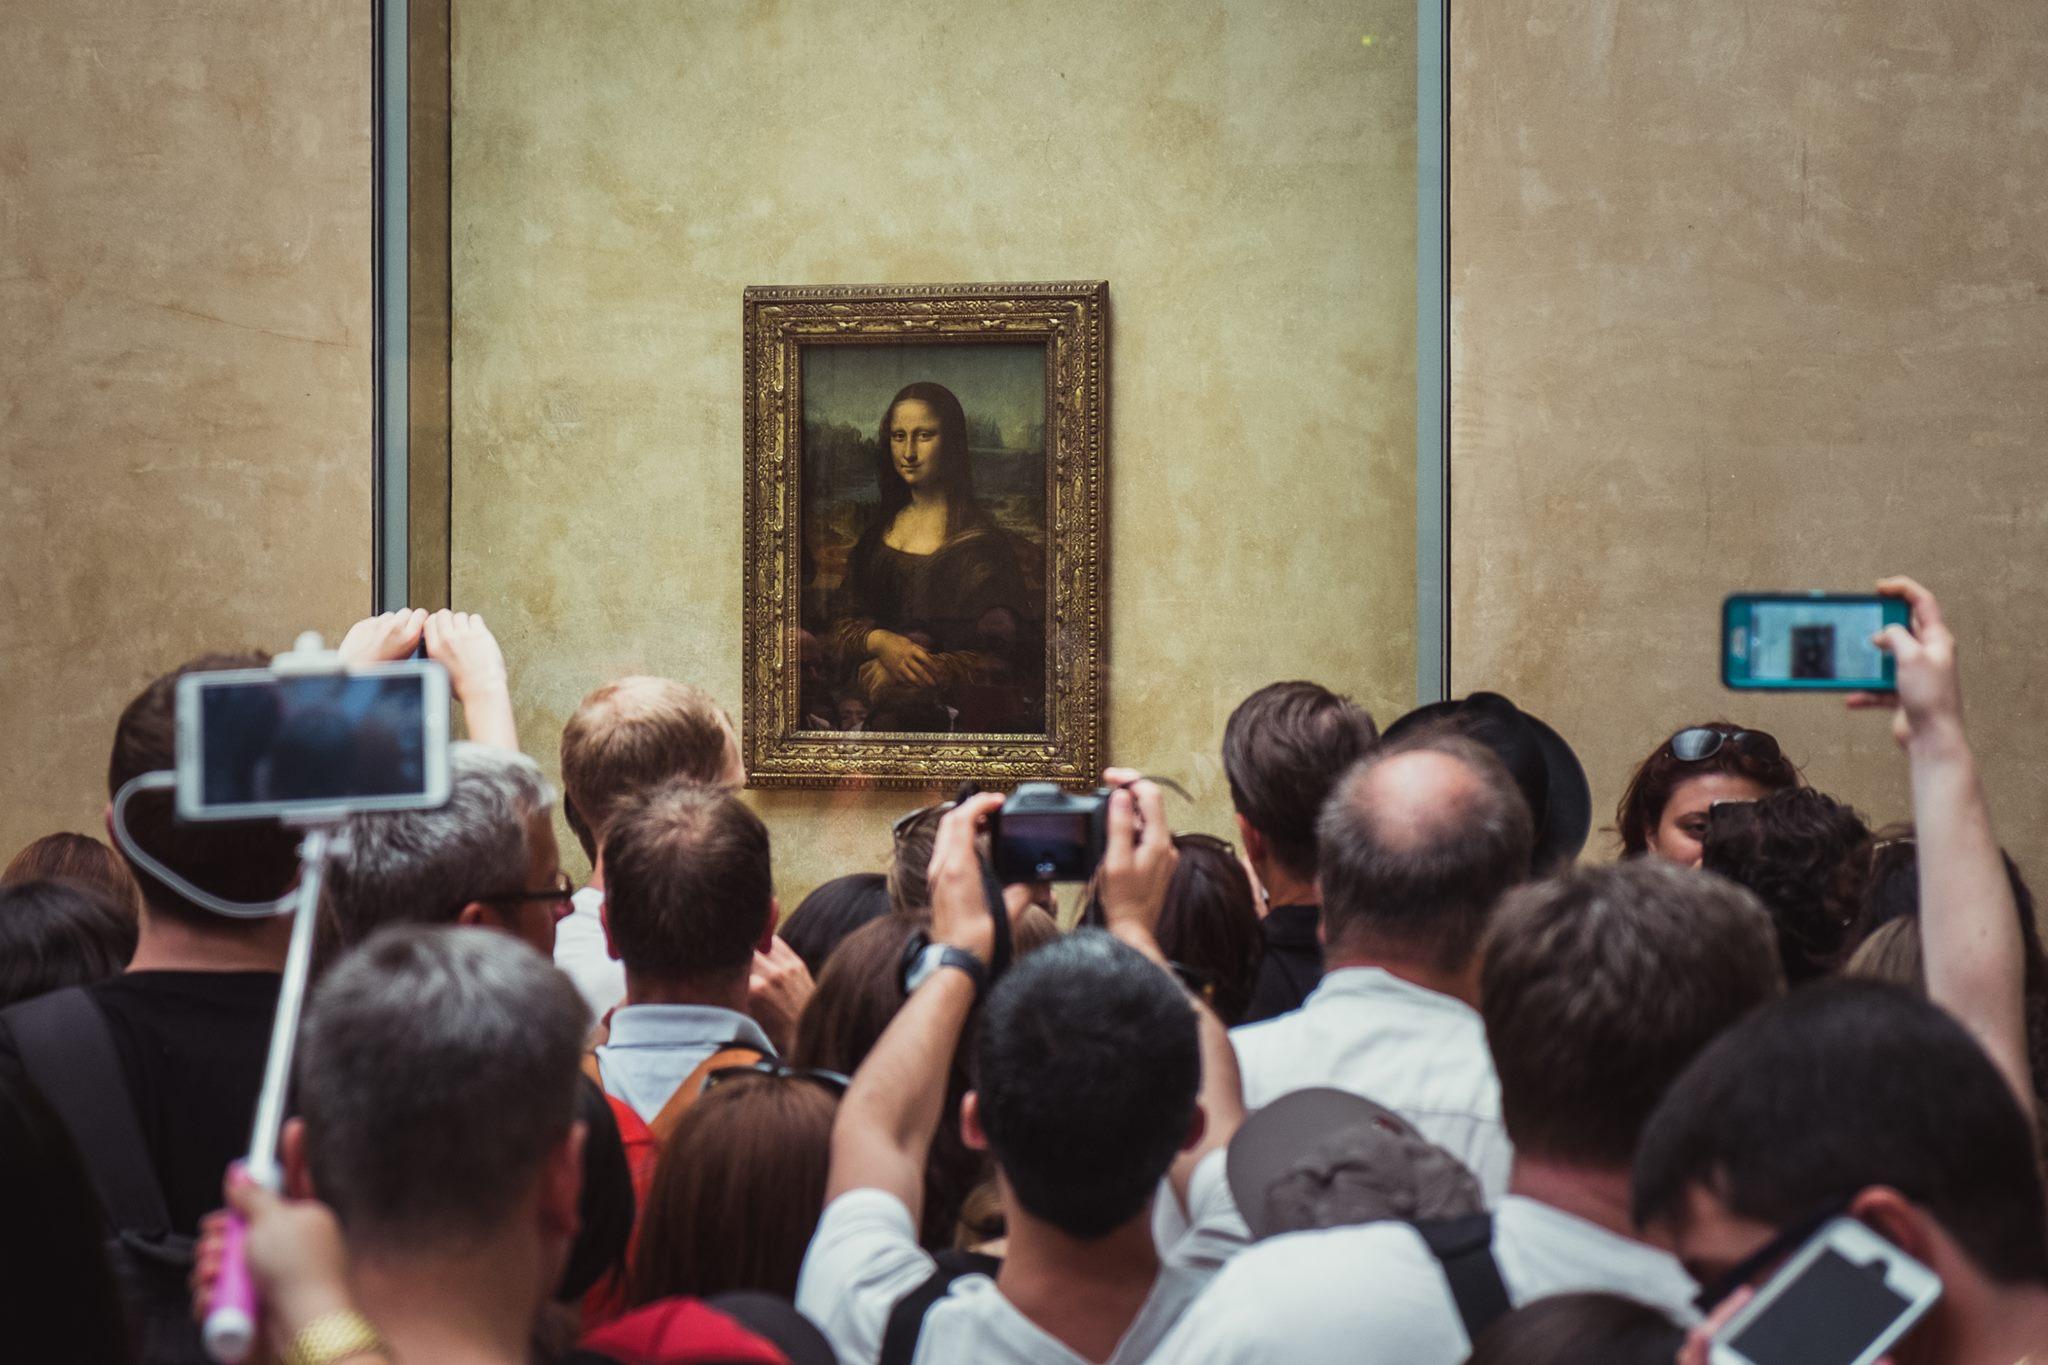 Fot. Marcin Połowianiuk - Mapa Luwru z perspektywy Instagrama. Zgadnij ,gdzie jest Mona Lisa